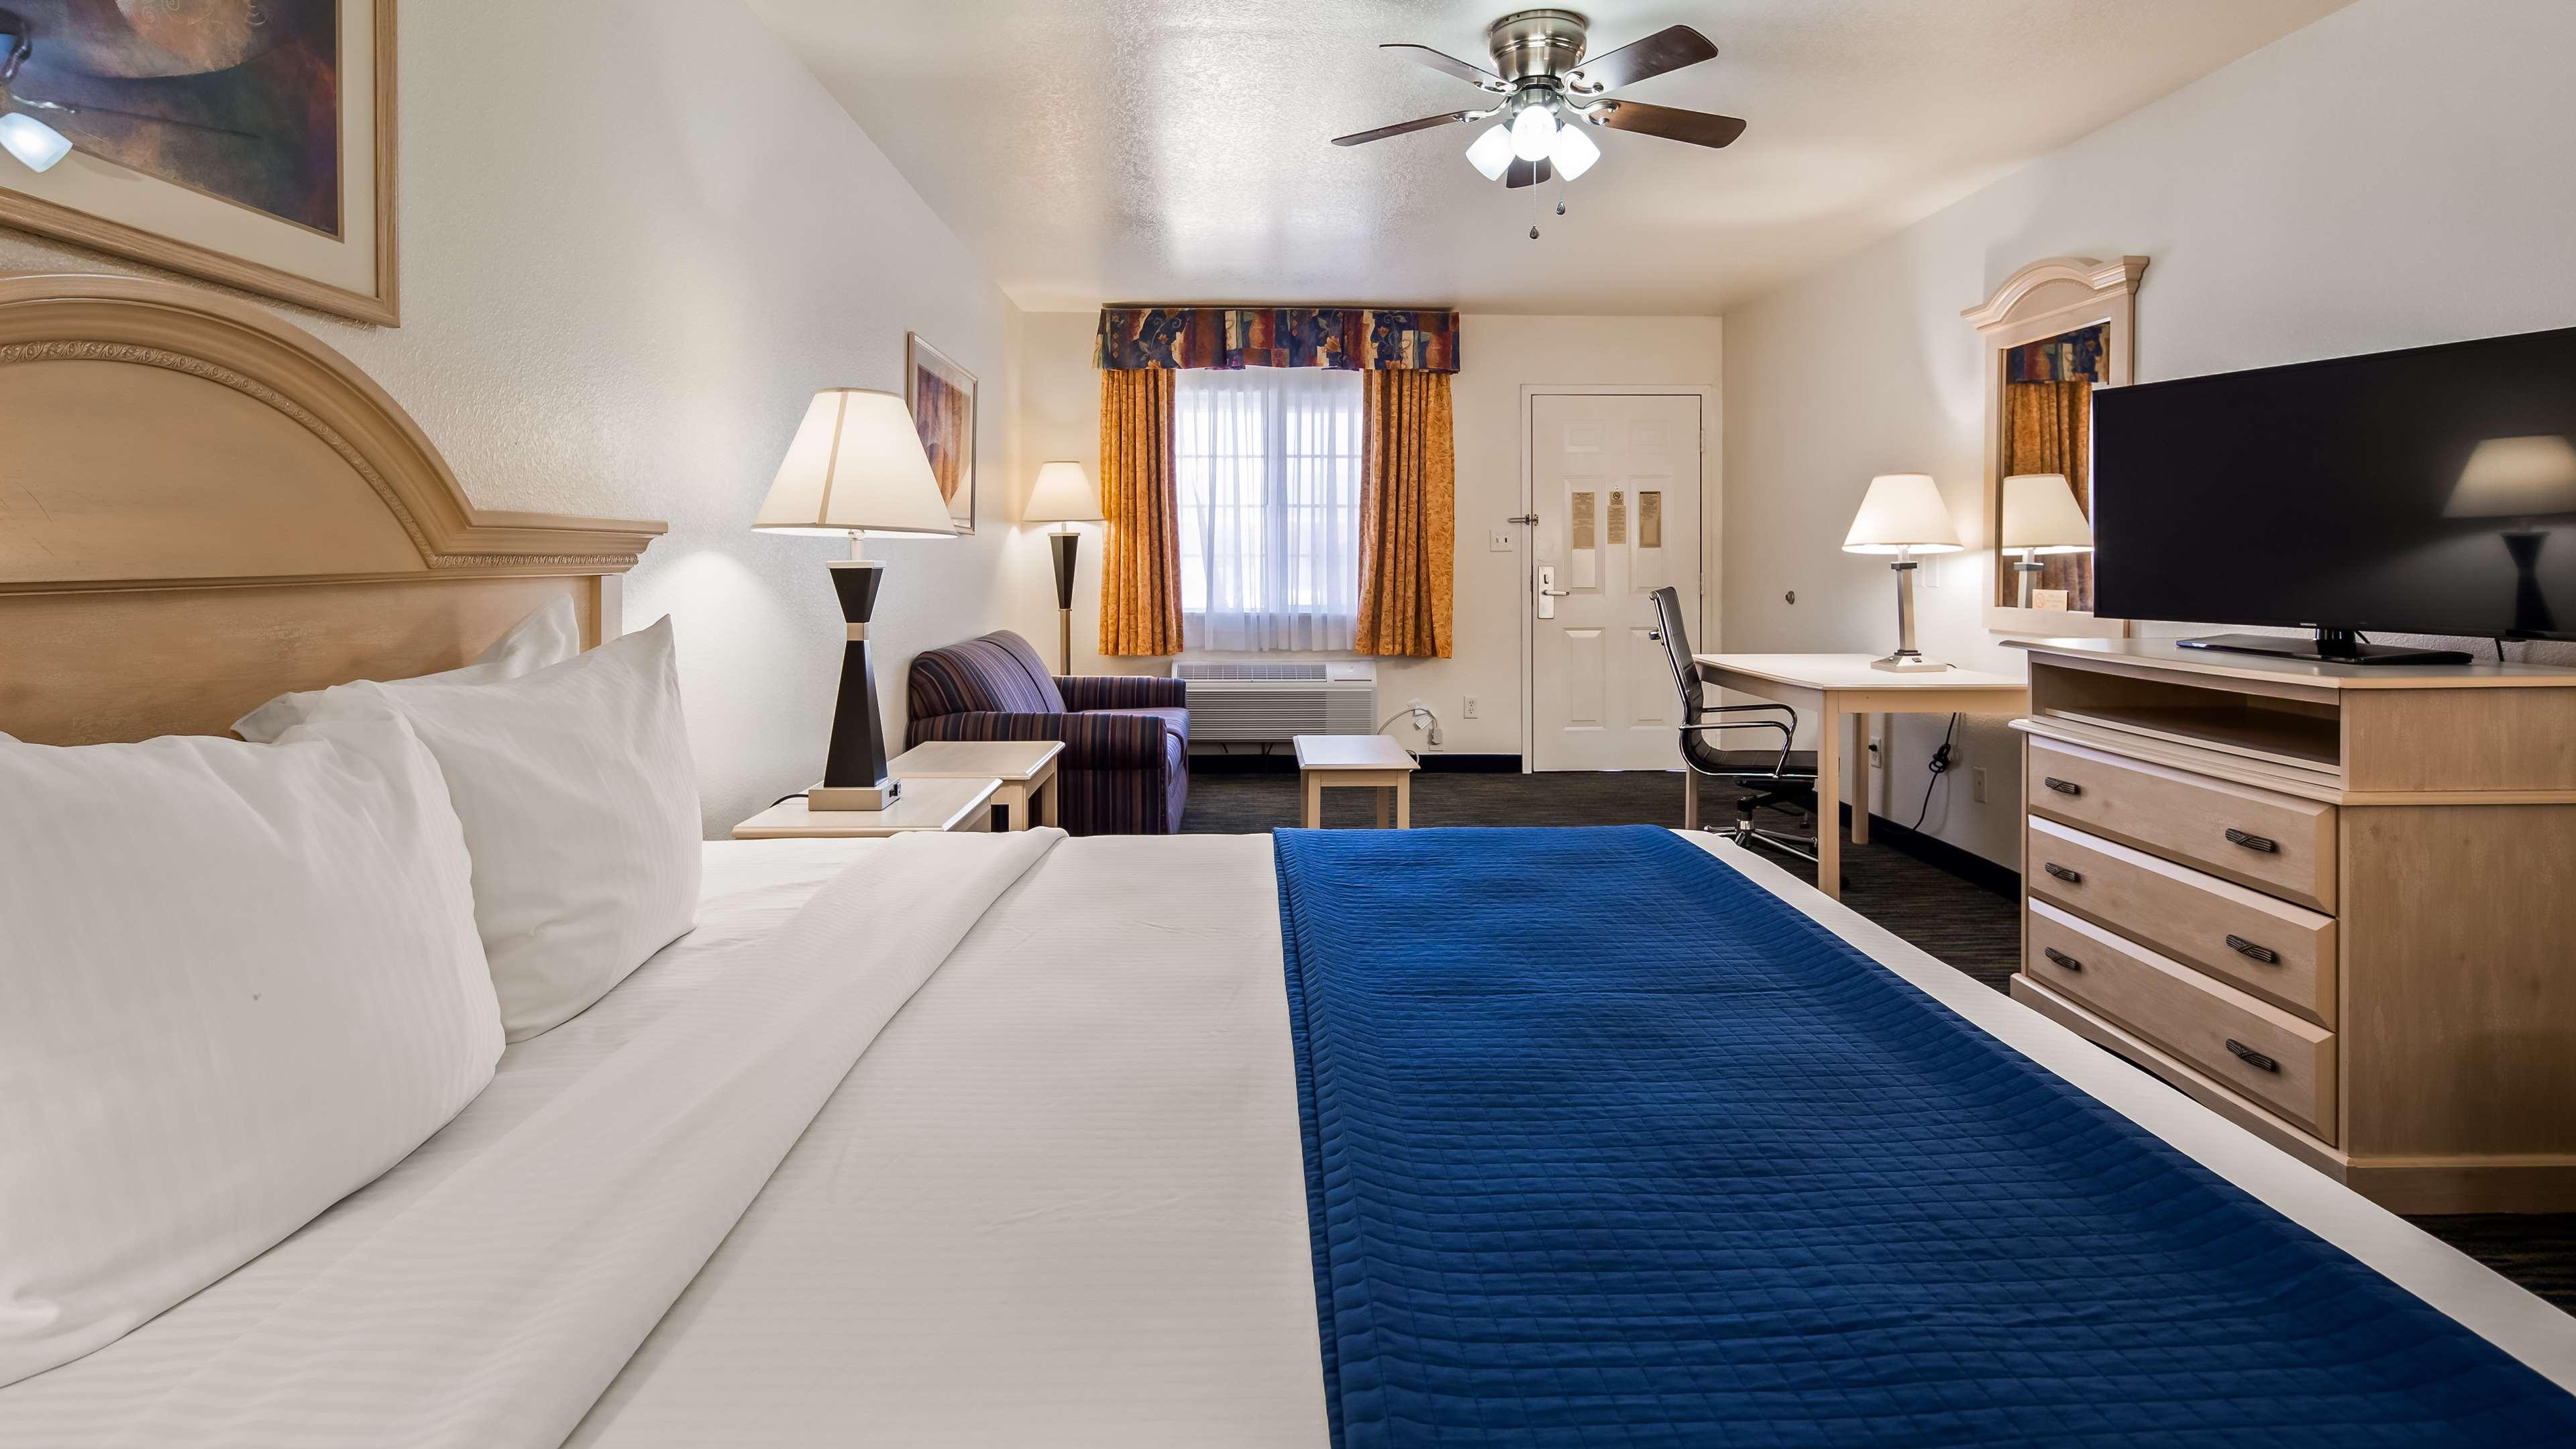 SureStay Hotel by Best Western Falfurrias image 17